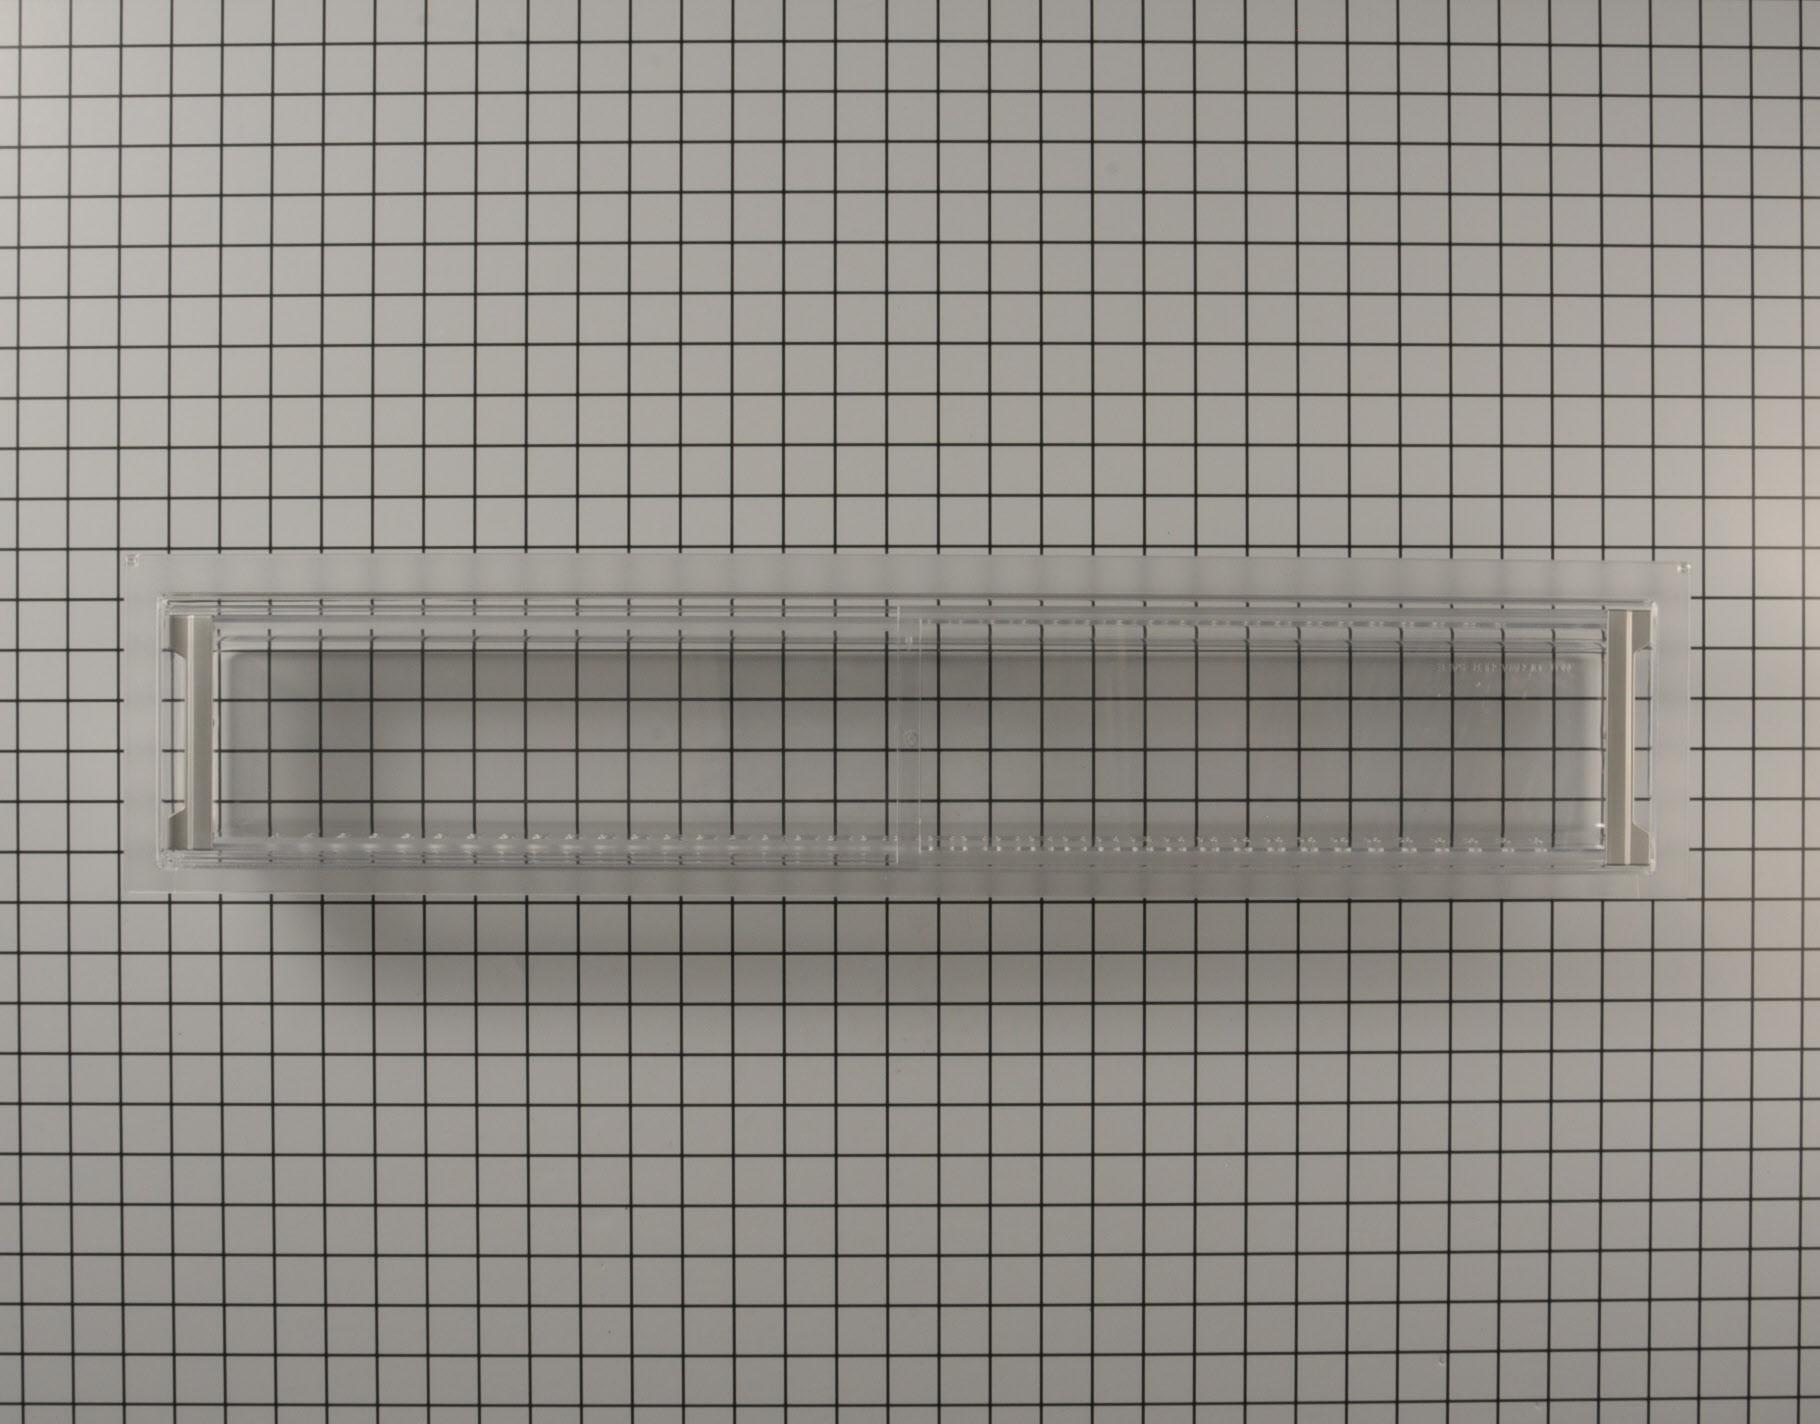 Maytag Refrigerator Part # W10858273 - Tray